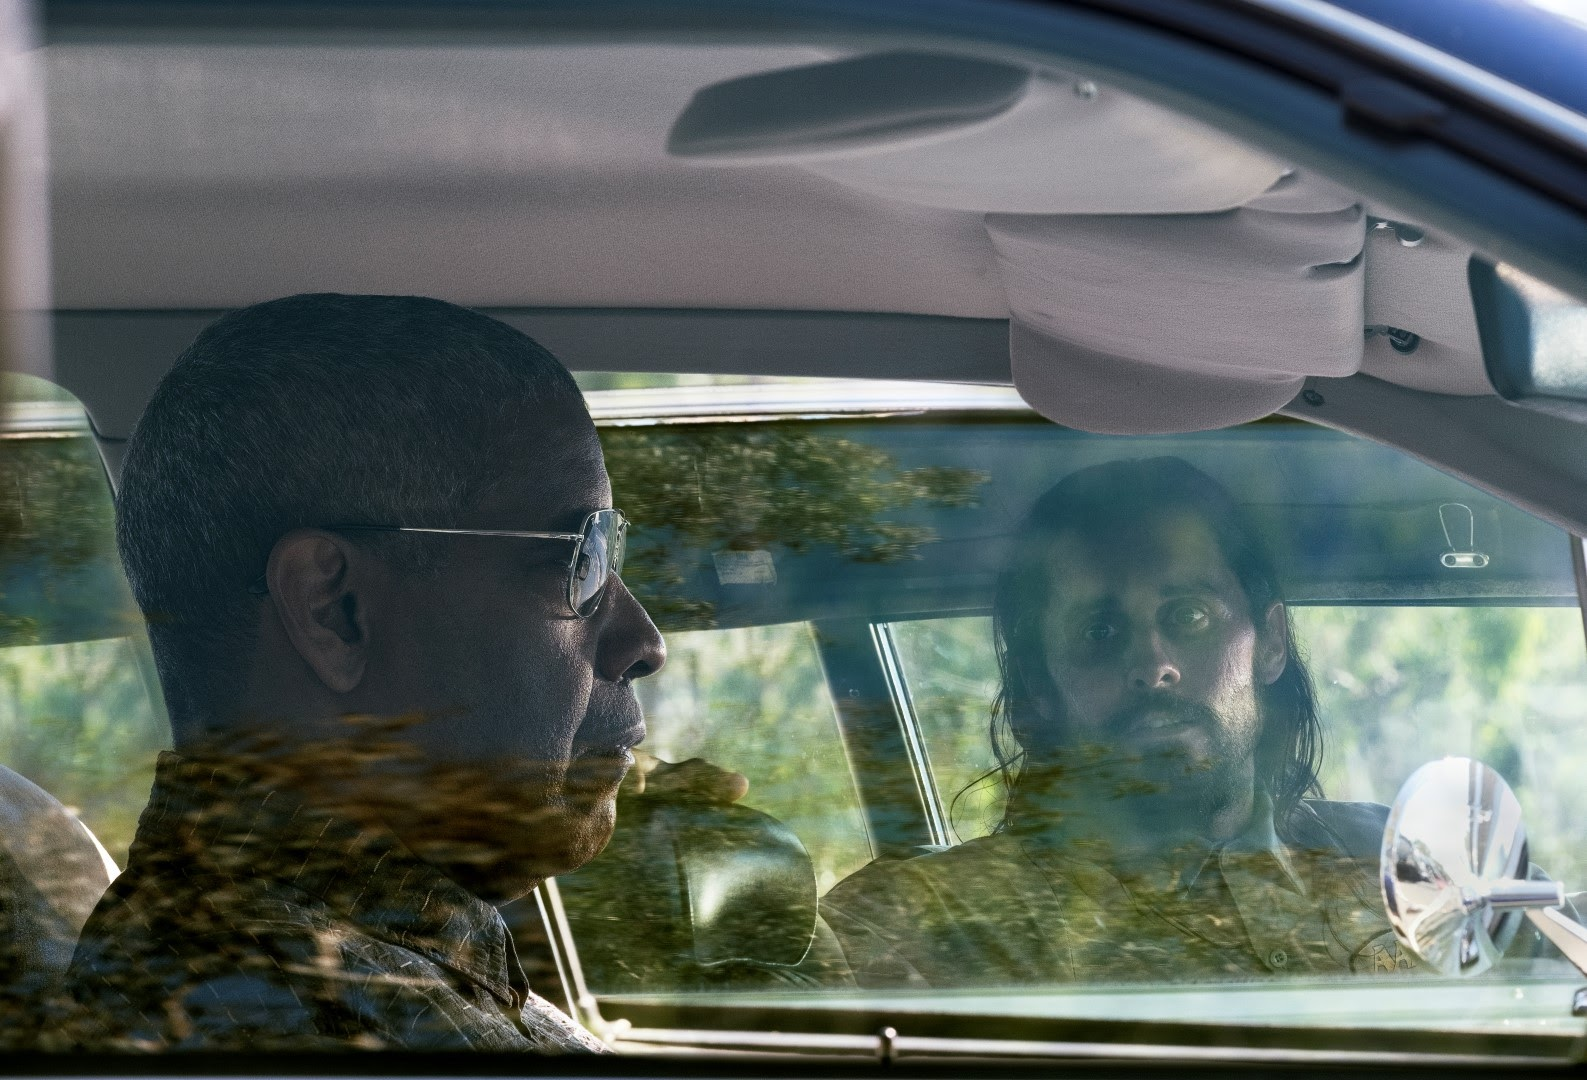 Pequeños secretos con Denzel Washington, Jared Leto y Rami Malek - TVCinews